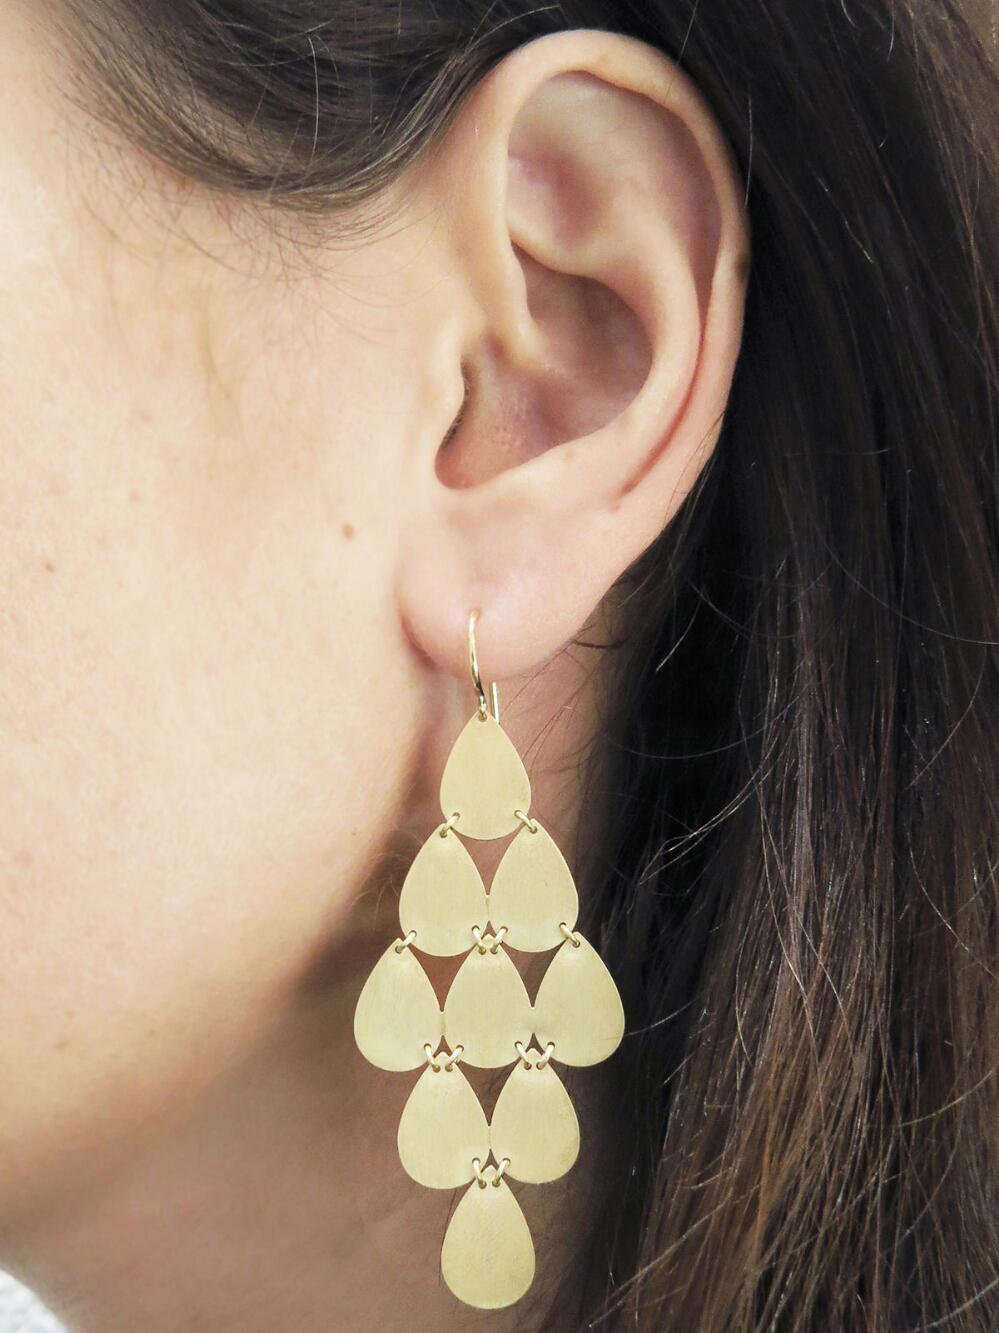 Large Teardrop Chandelier Earrings Lyst View Fullscreen